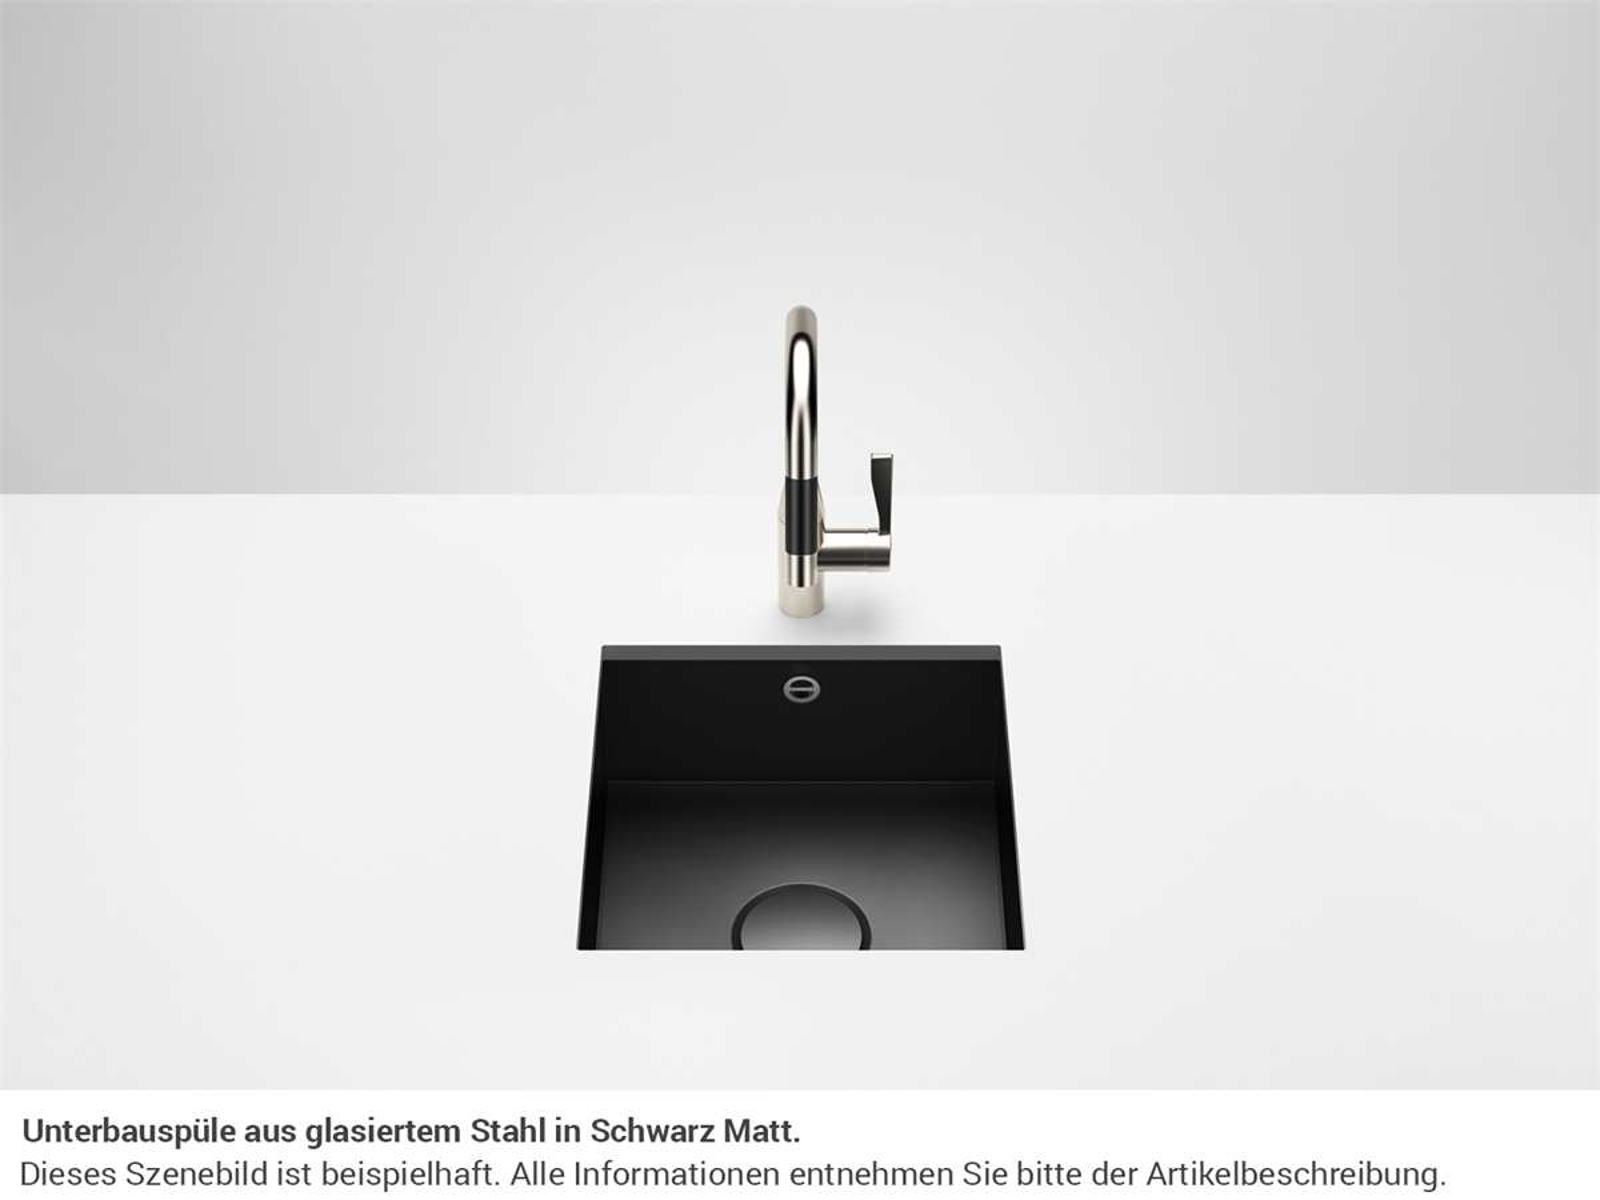 Dornbracht Unterbau-Spüle Glasierter Stahl Schwarz  Matt 38400002-71